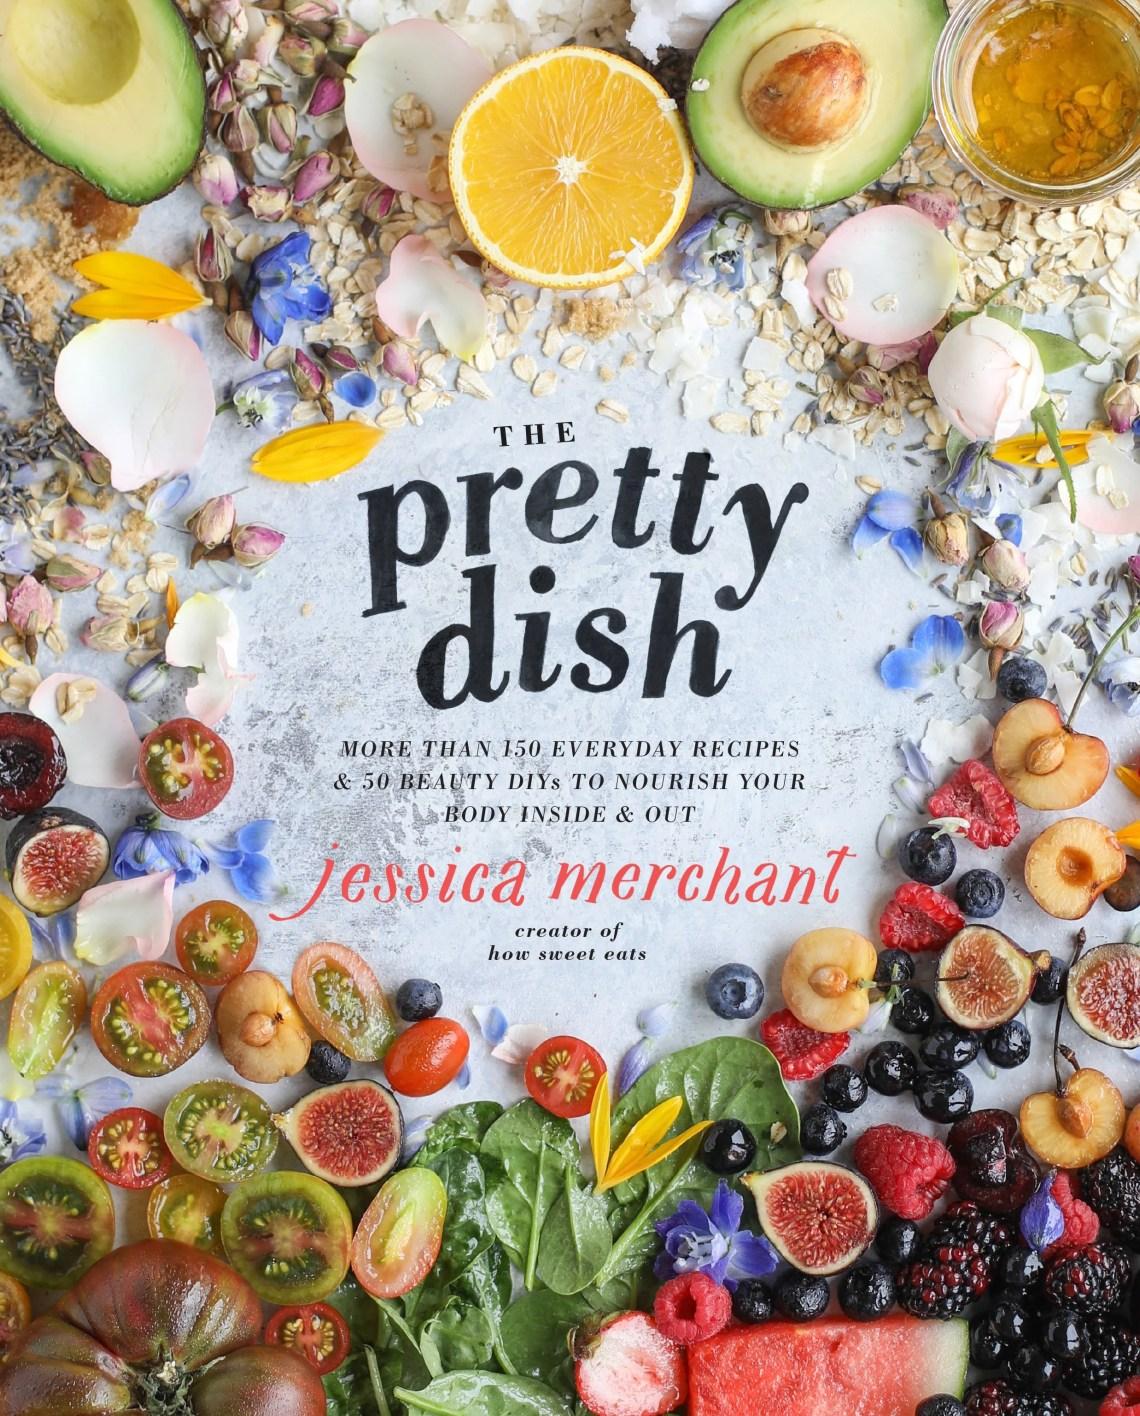 the pretty dish event in dallas I howsweeteats.com